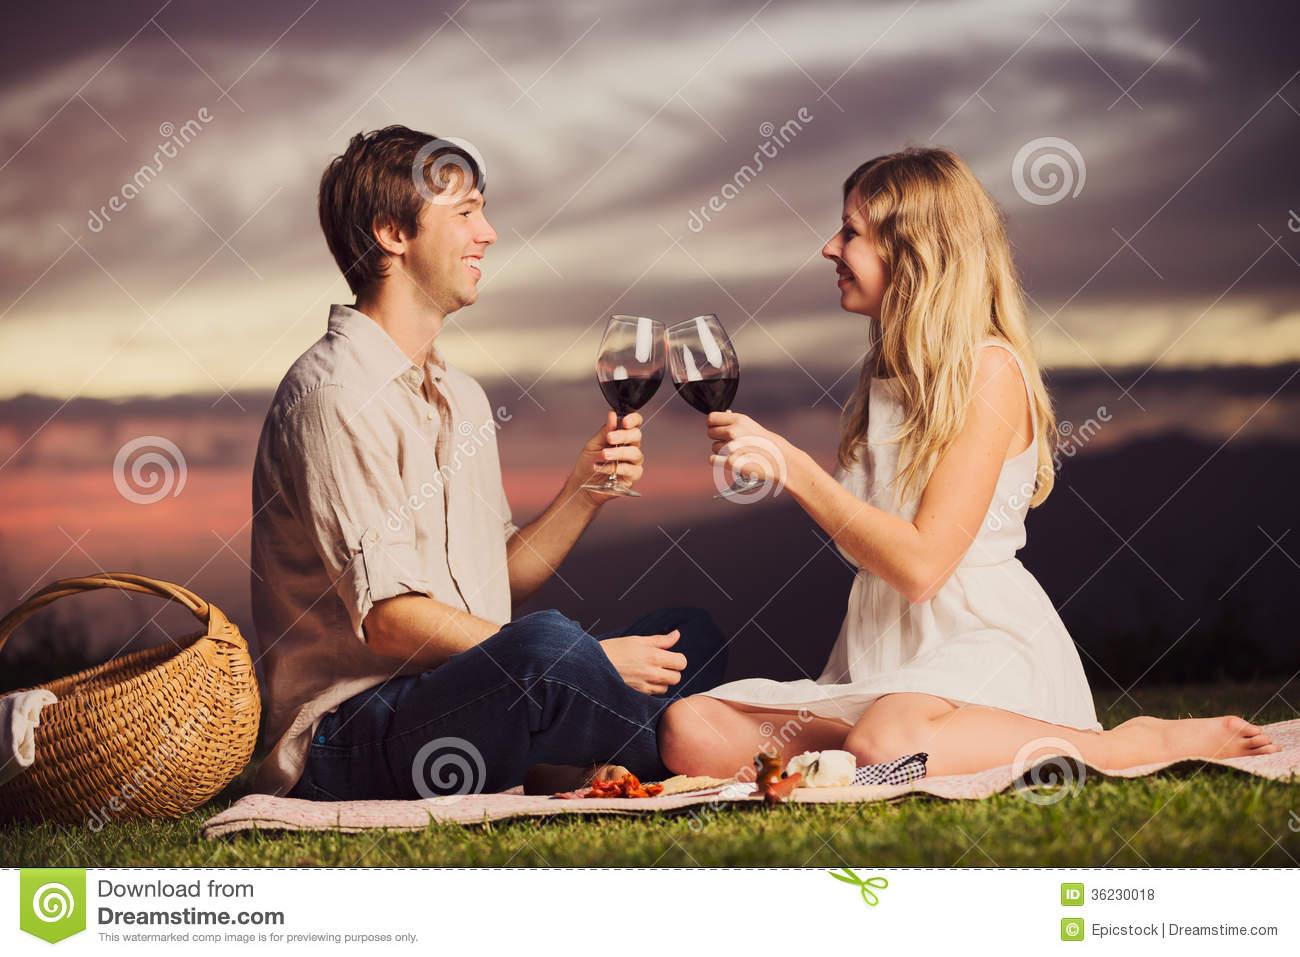 بالصور اجمل الصور الرومانسية , صور رومنسية معبرة 3838 9